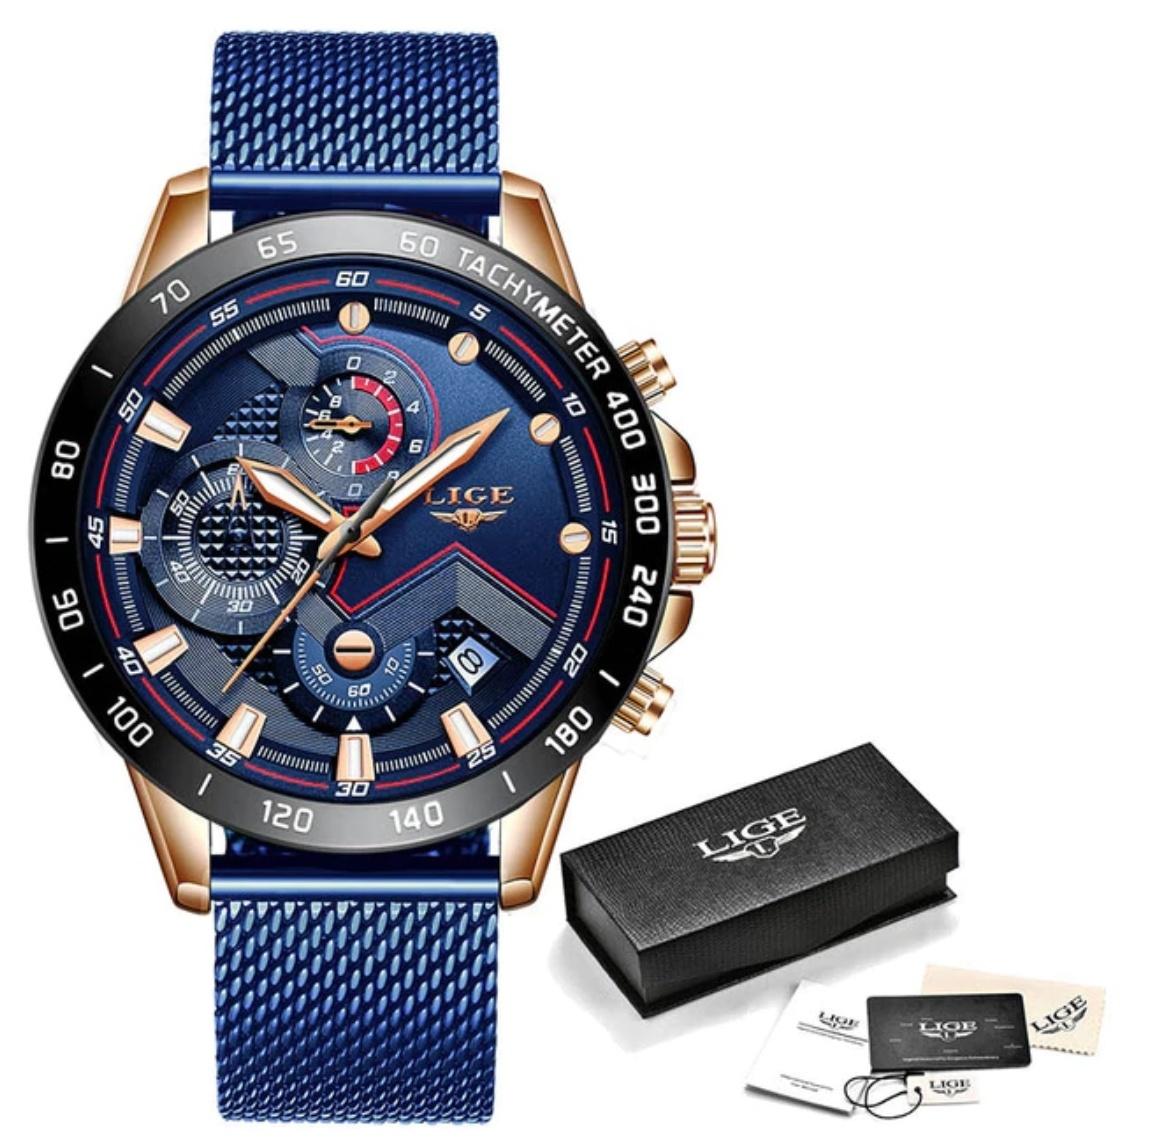 Quartz Horloge - Anoloog Luxe Uurwerk voor Heren - Roestvrij staal - Blauw-Zwart